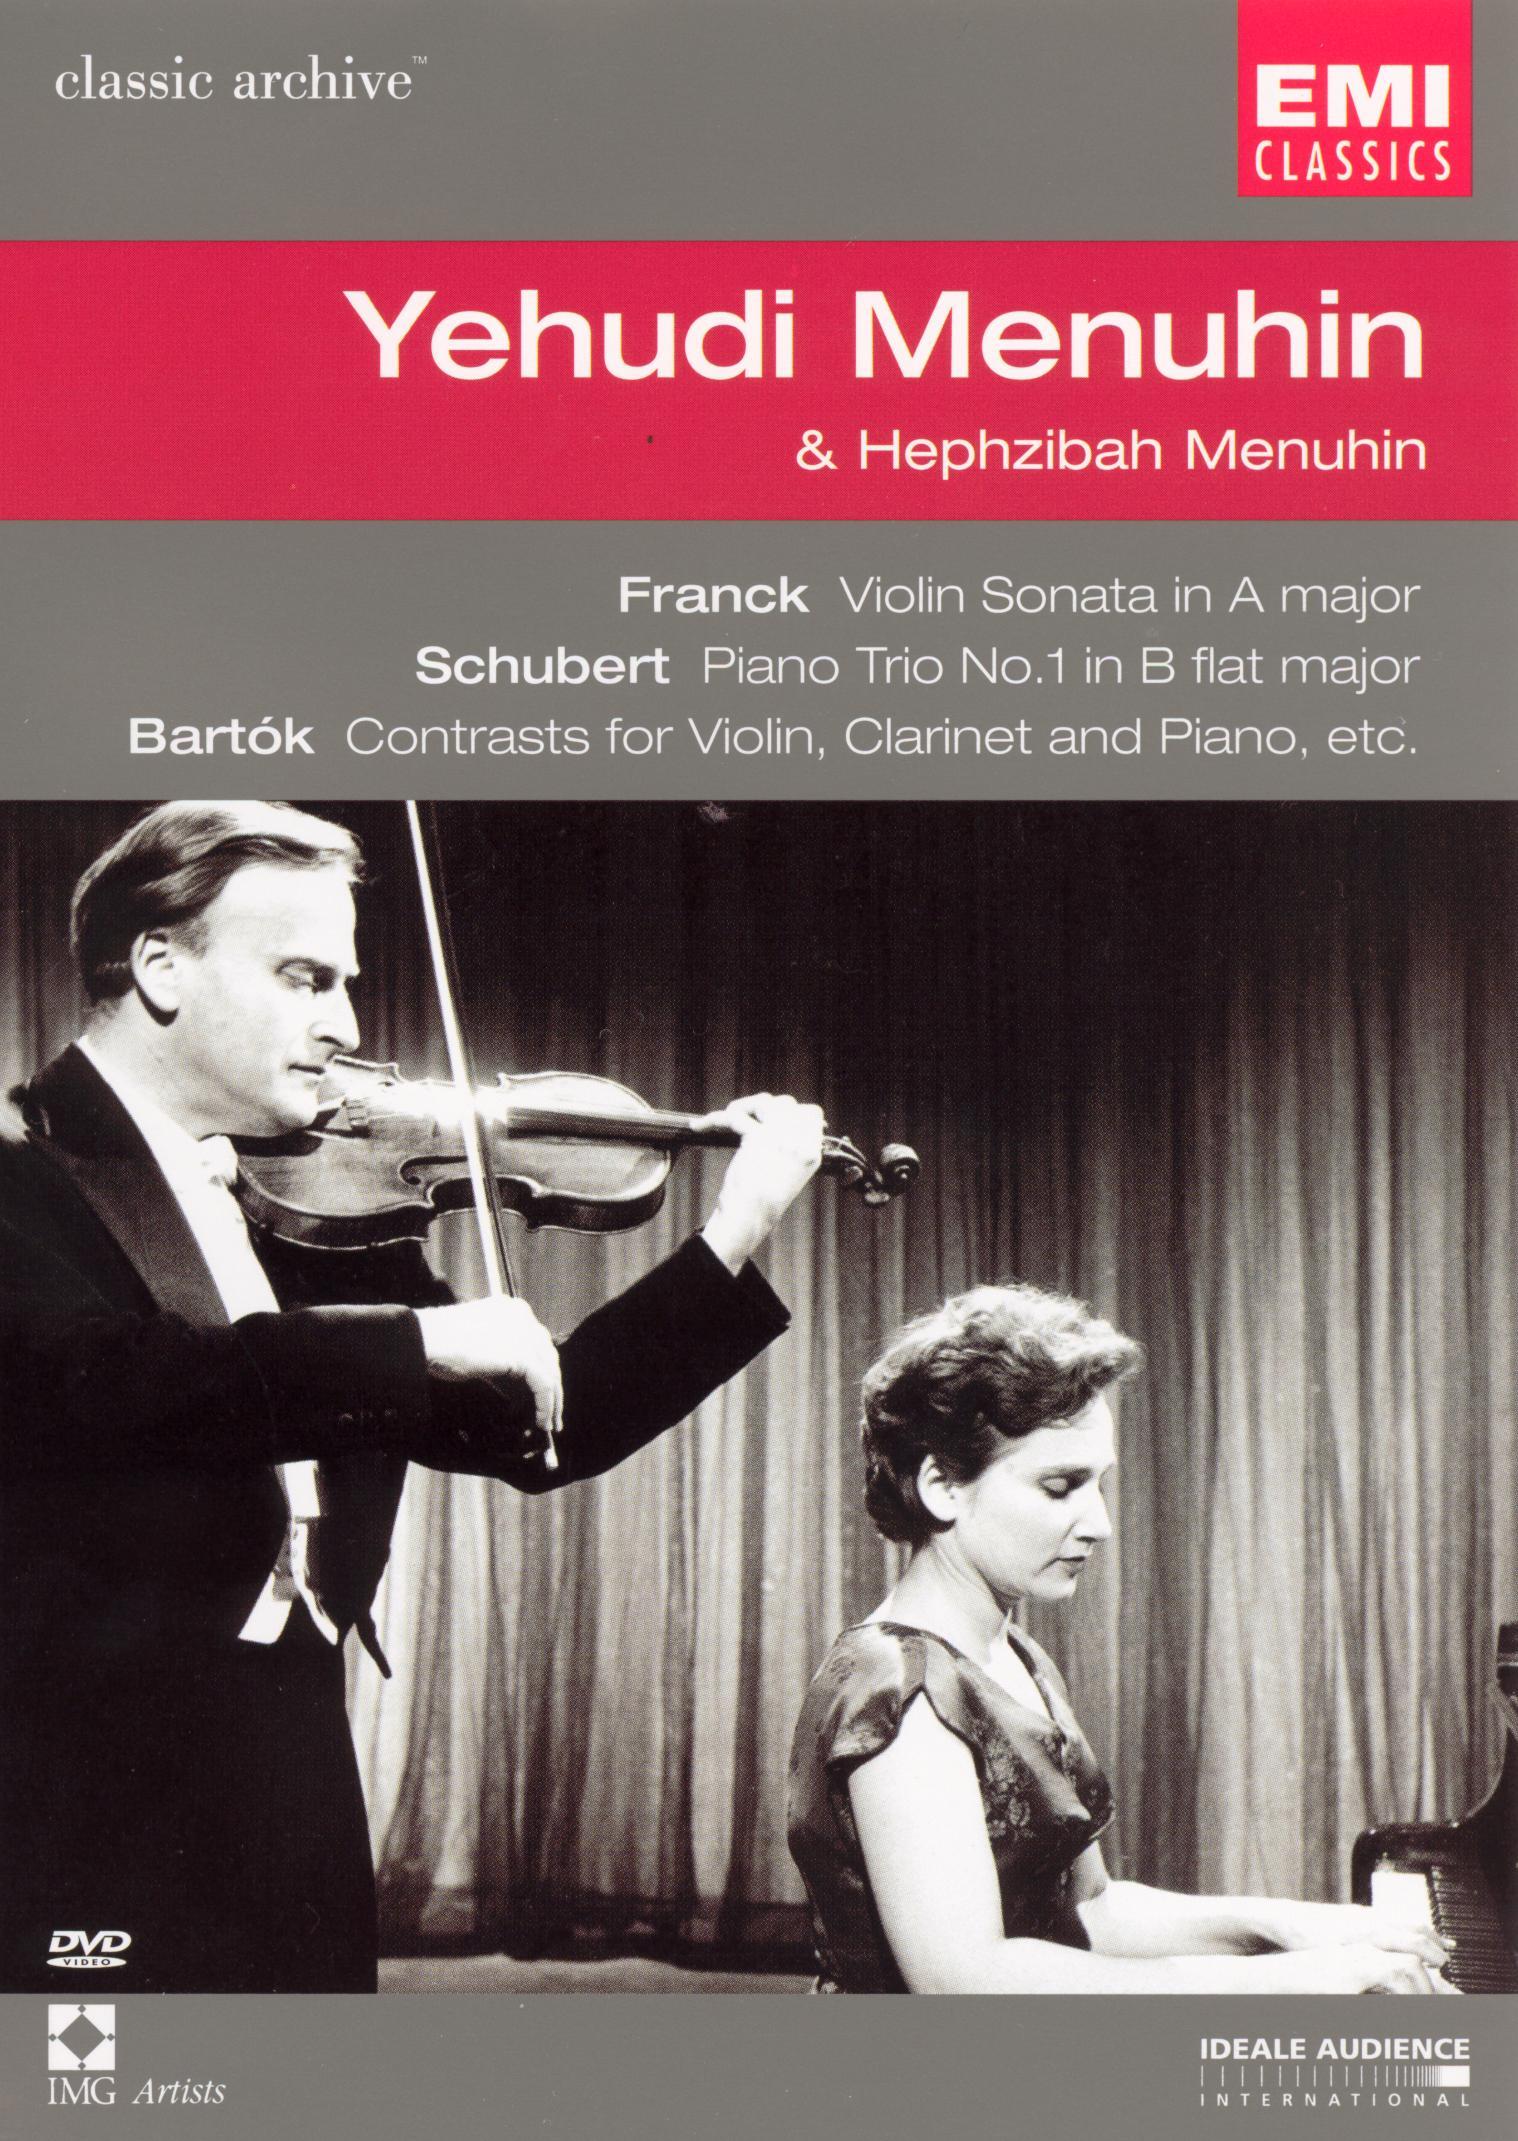 Classic Archive: Yehudi Menuhin & Hephzibah Menuhin